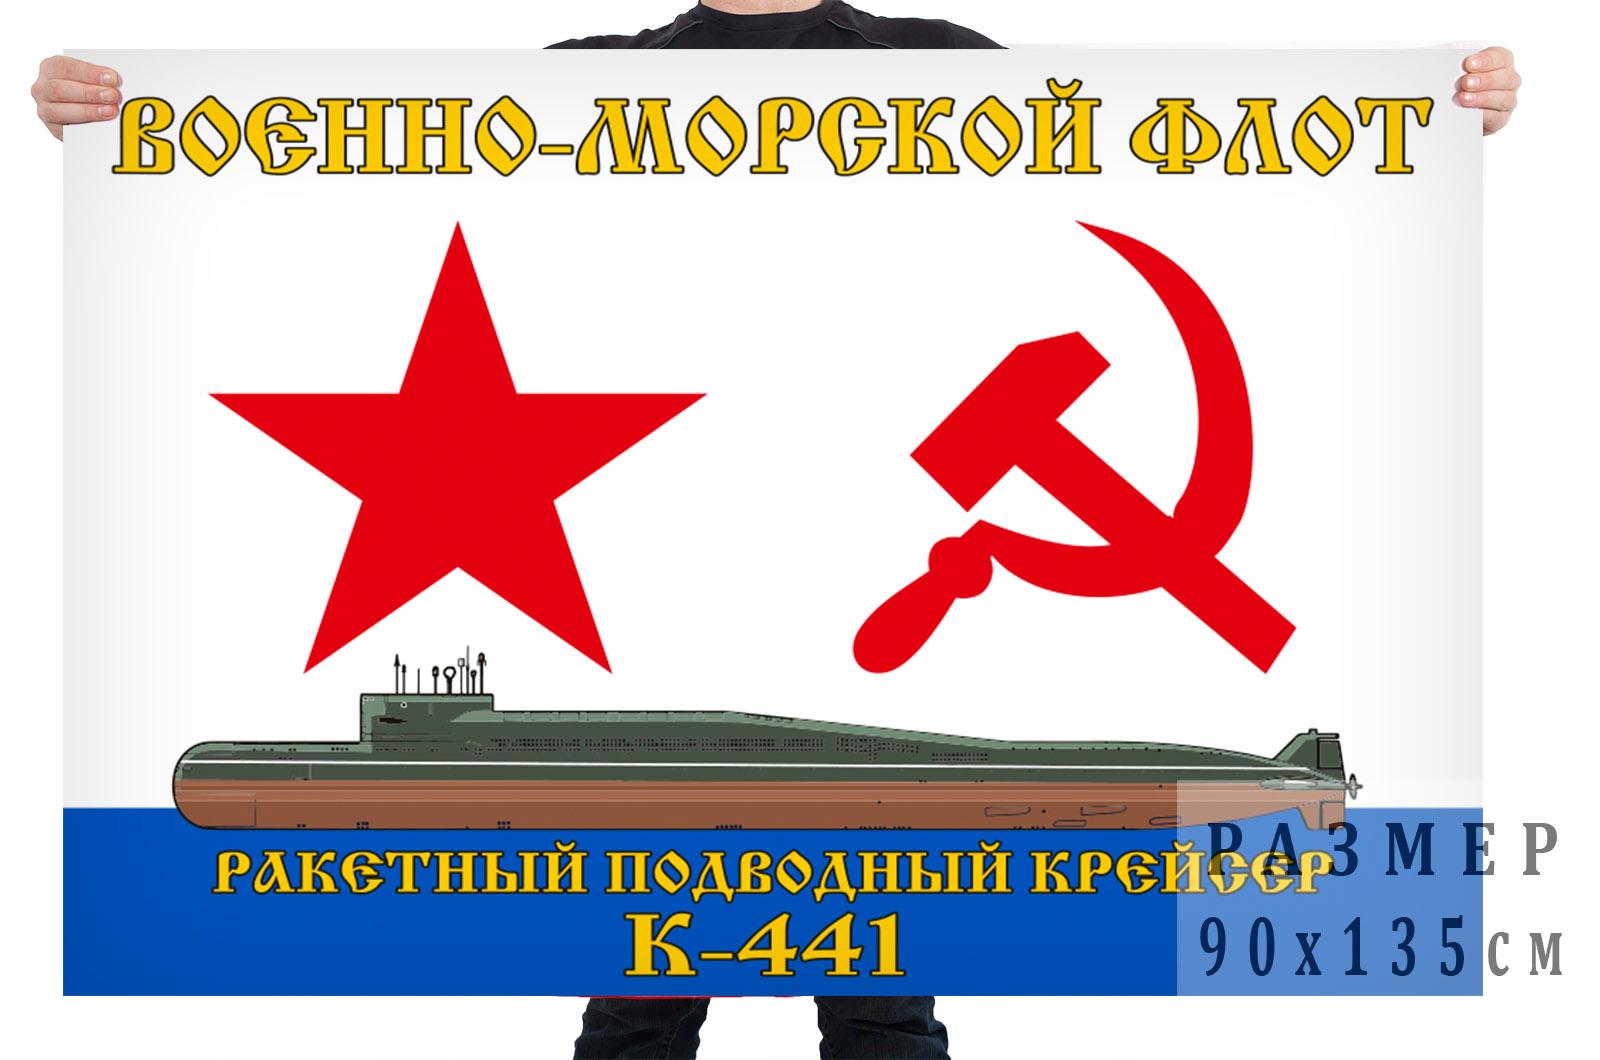 Флаг ракетного подводного крейсера К-441